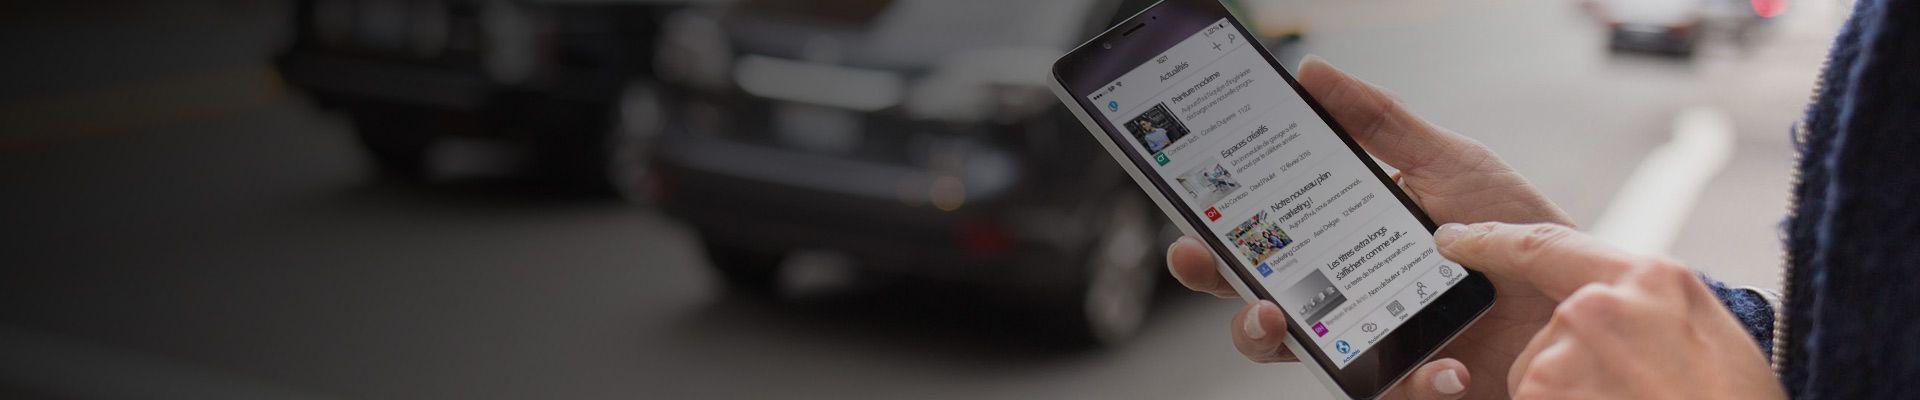 Smartphone affichant des actualités SharePoint issues de sites